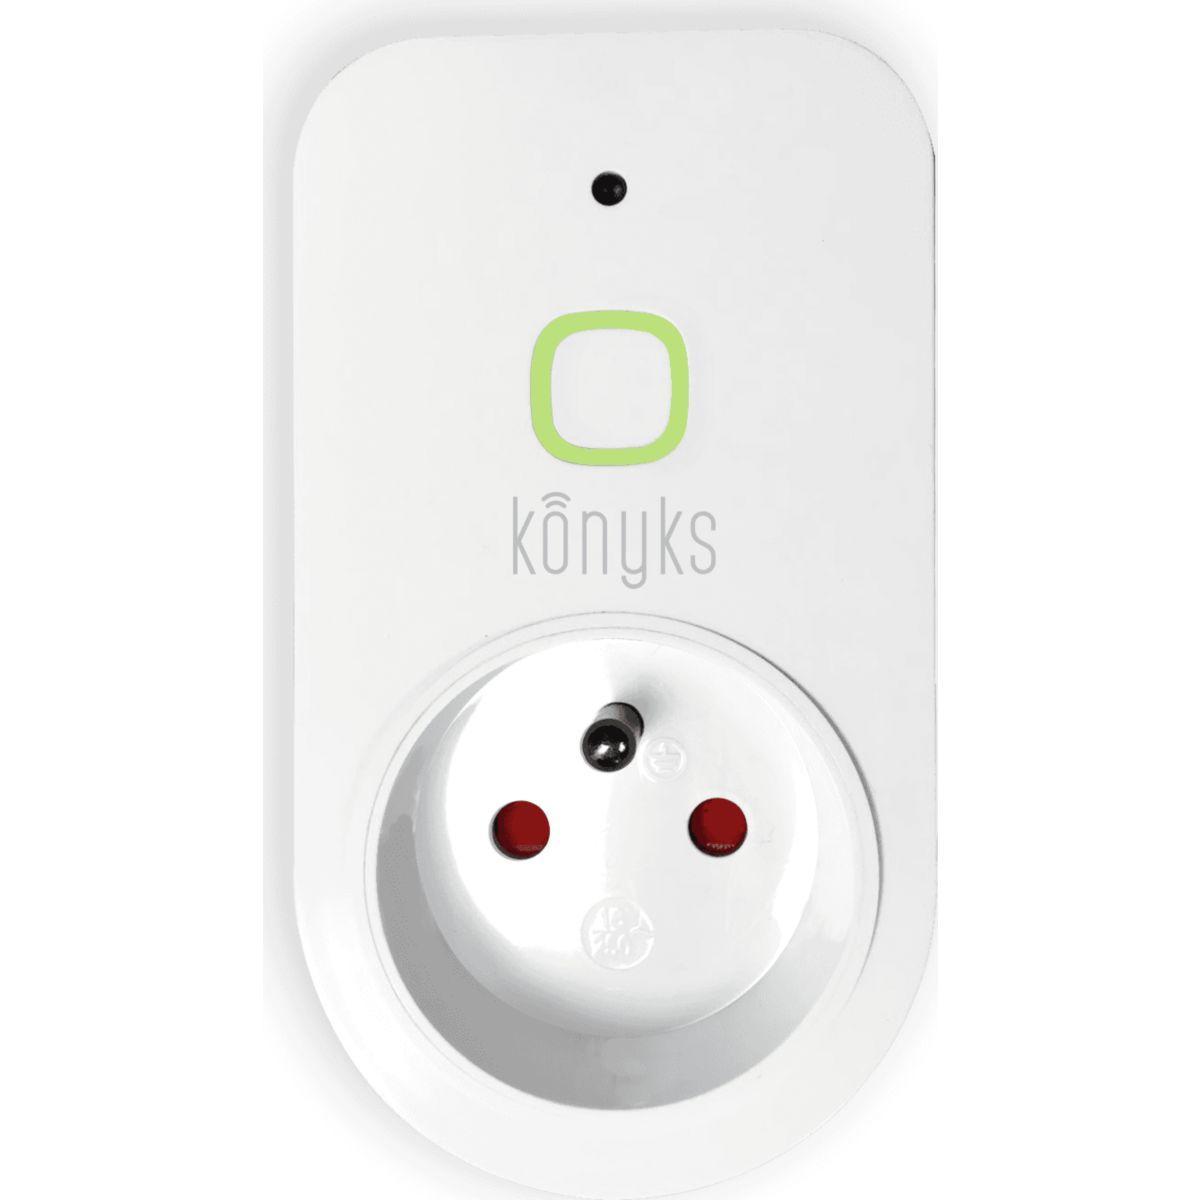 Prise connect�e konyks plug connect� priska + - 15% de remise imm�diate avec le code : school15 (photo)